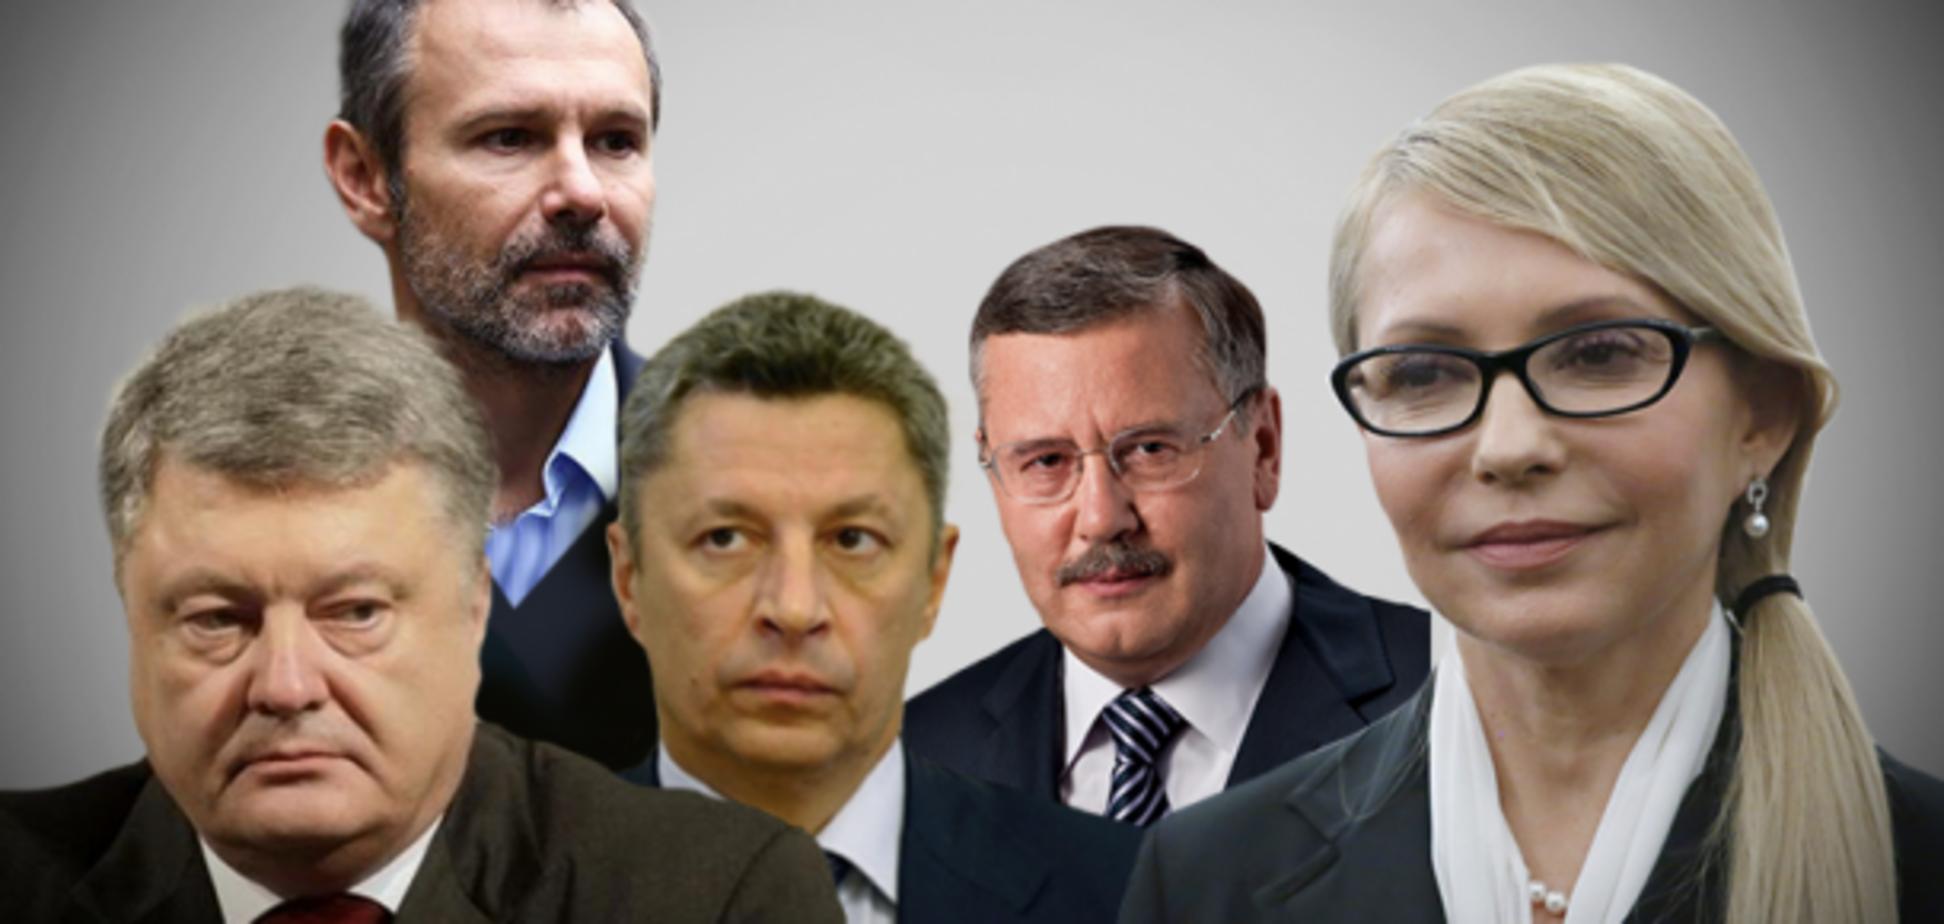 Порошенко и Тимошенко чуть упали, а Гриценко заметно подрос